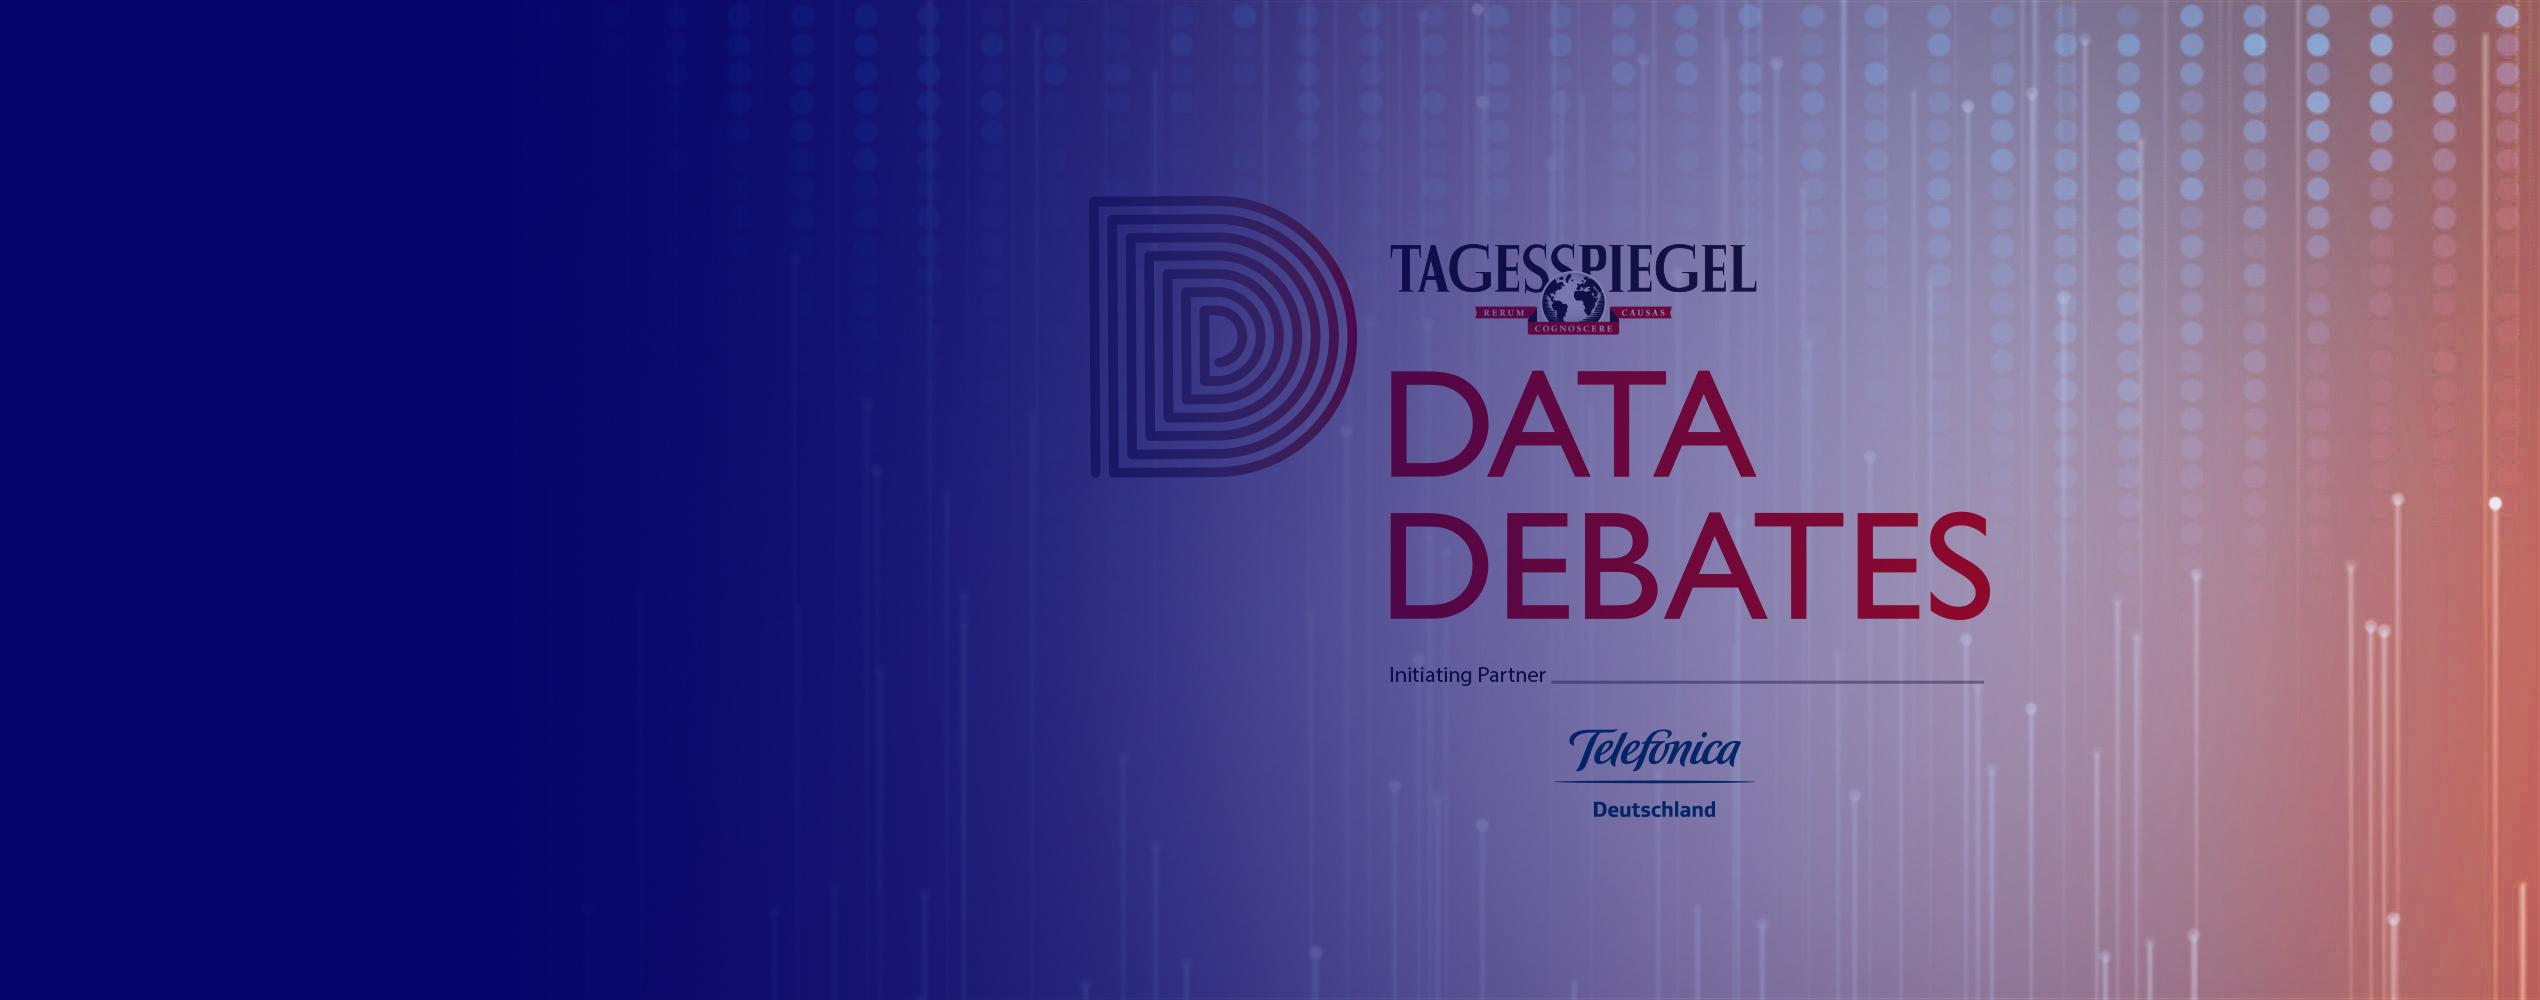 DataDebates Tagesspiegel und Telefónica Deutschland